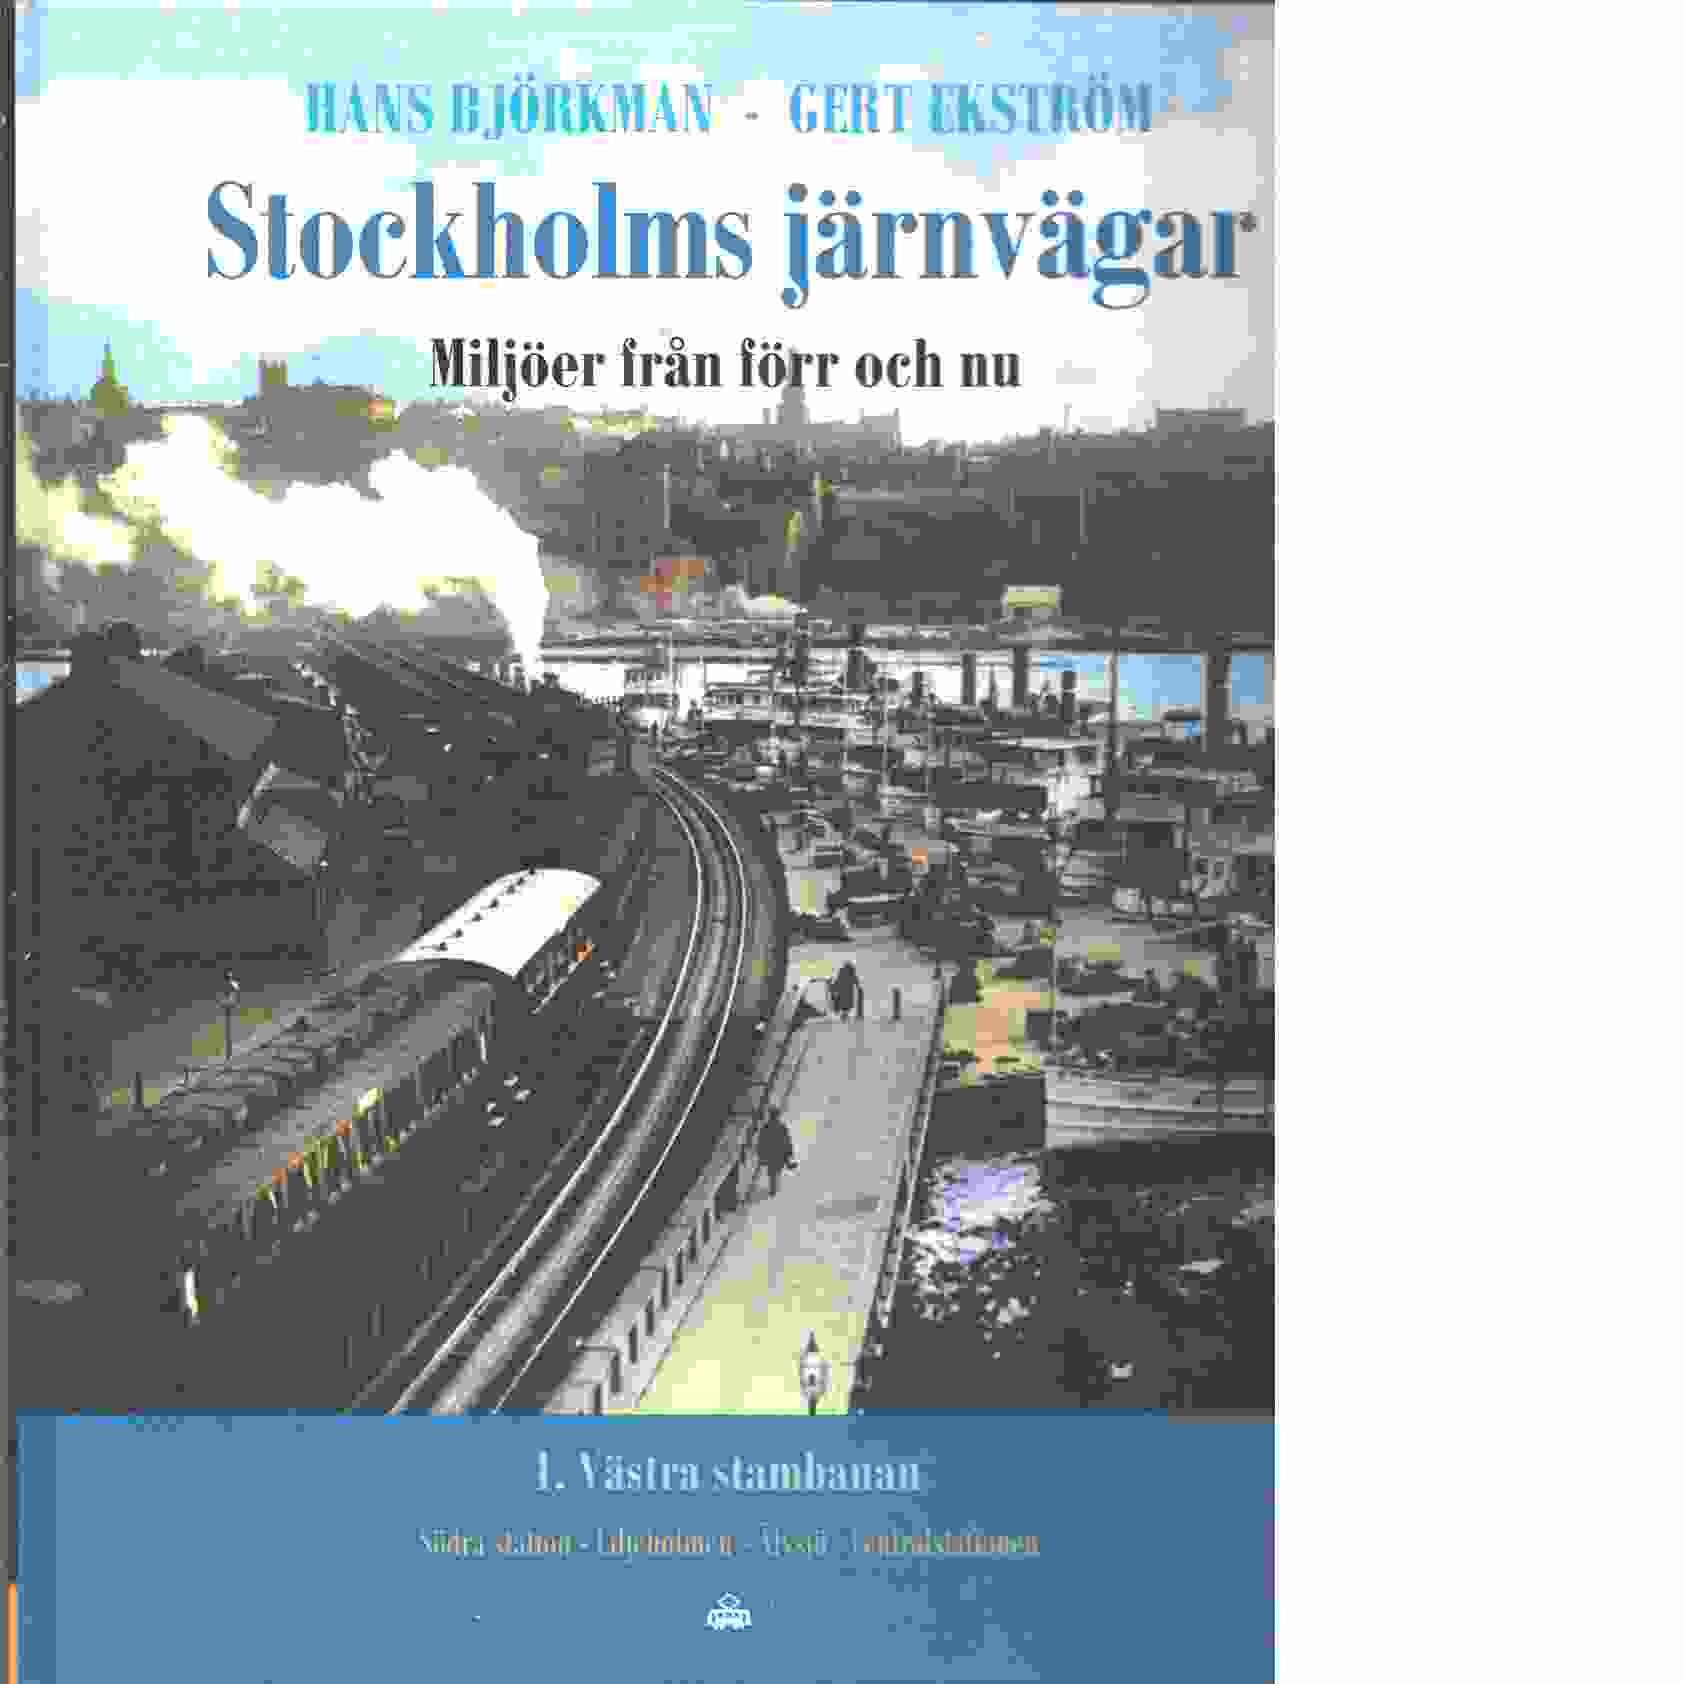 Stockholms järnvägar : miljöer från förr och nu. 1, Västra stambanan : Södra station - Liljeholmen - Älvsjö - Centralstationen - Björkman, Hans och Björkman, Hans